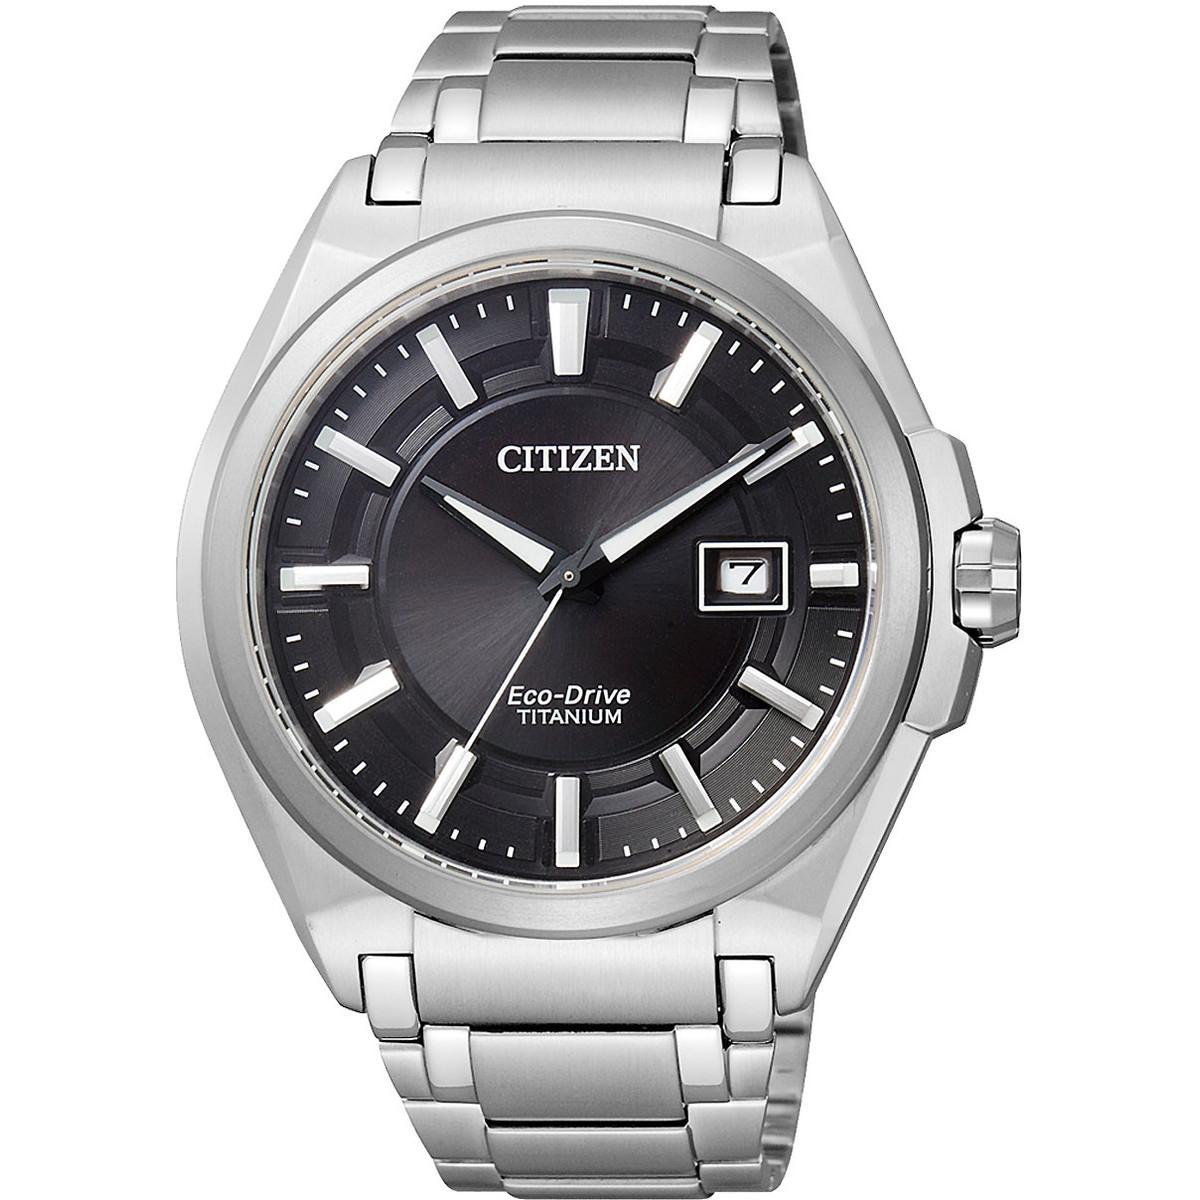 Ceas barbatesc Citizen Eco-Drive Titanium BM6930-57E original de mana